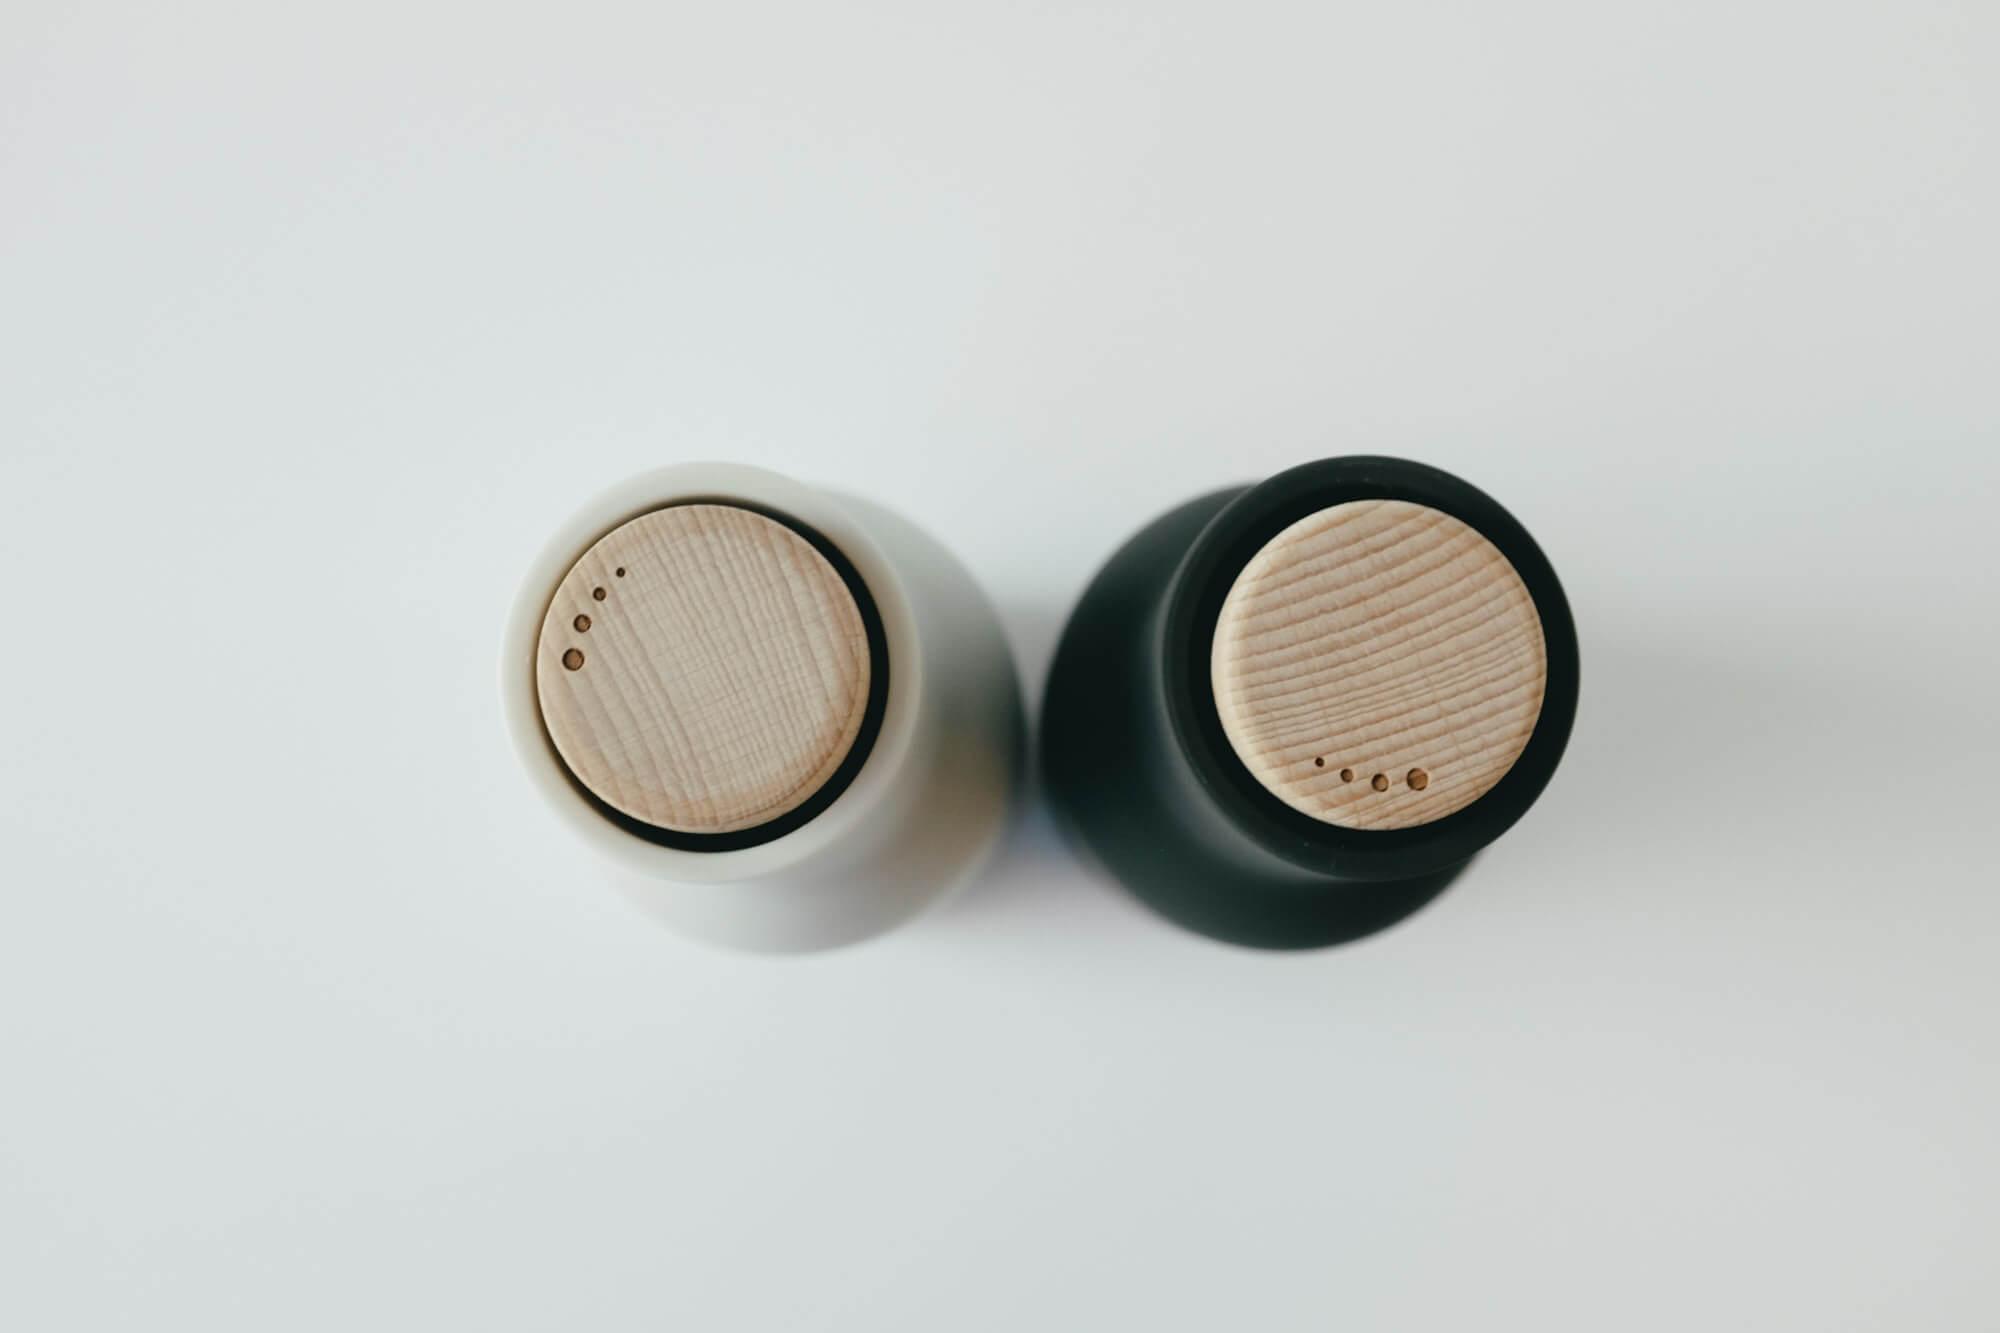 Menu Bottle Grinder - the only grinder you'll need.